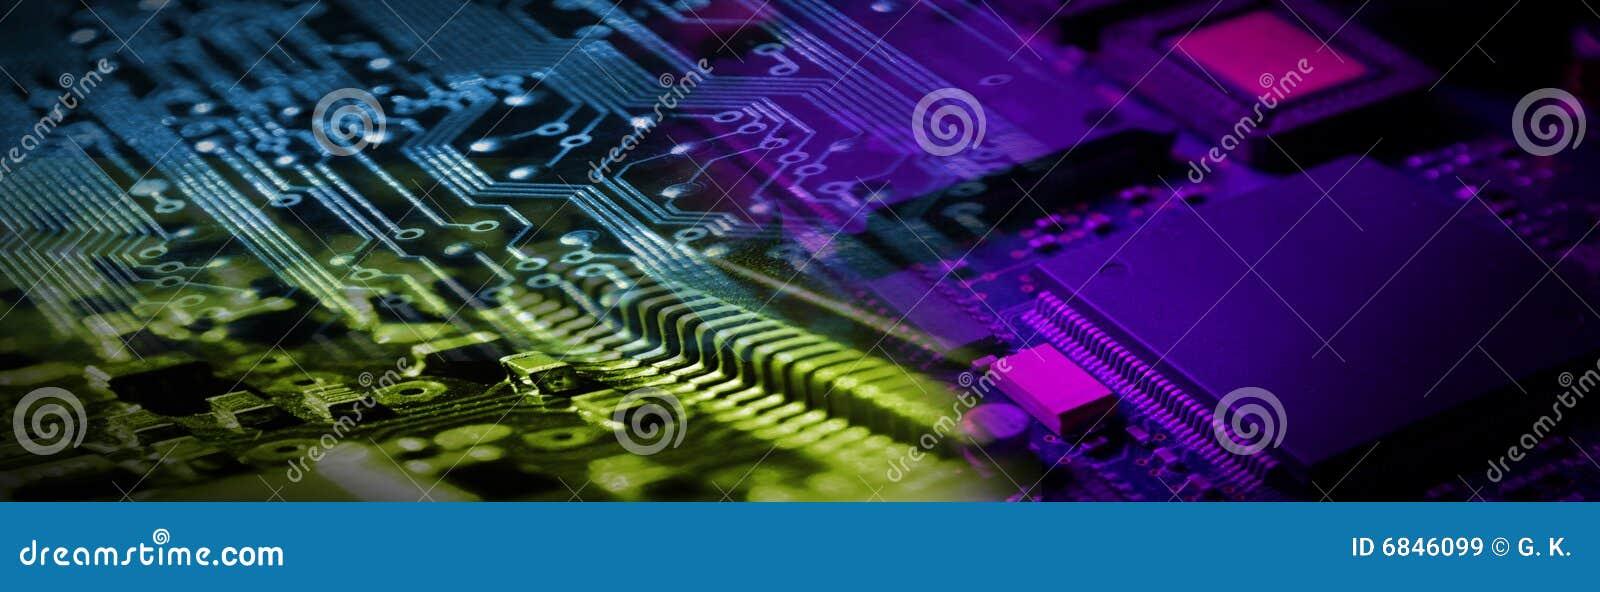 Bandiera di elettronica